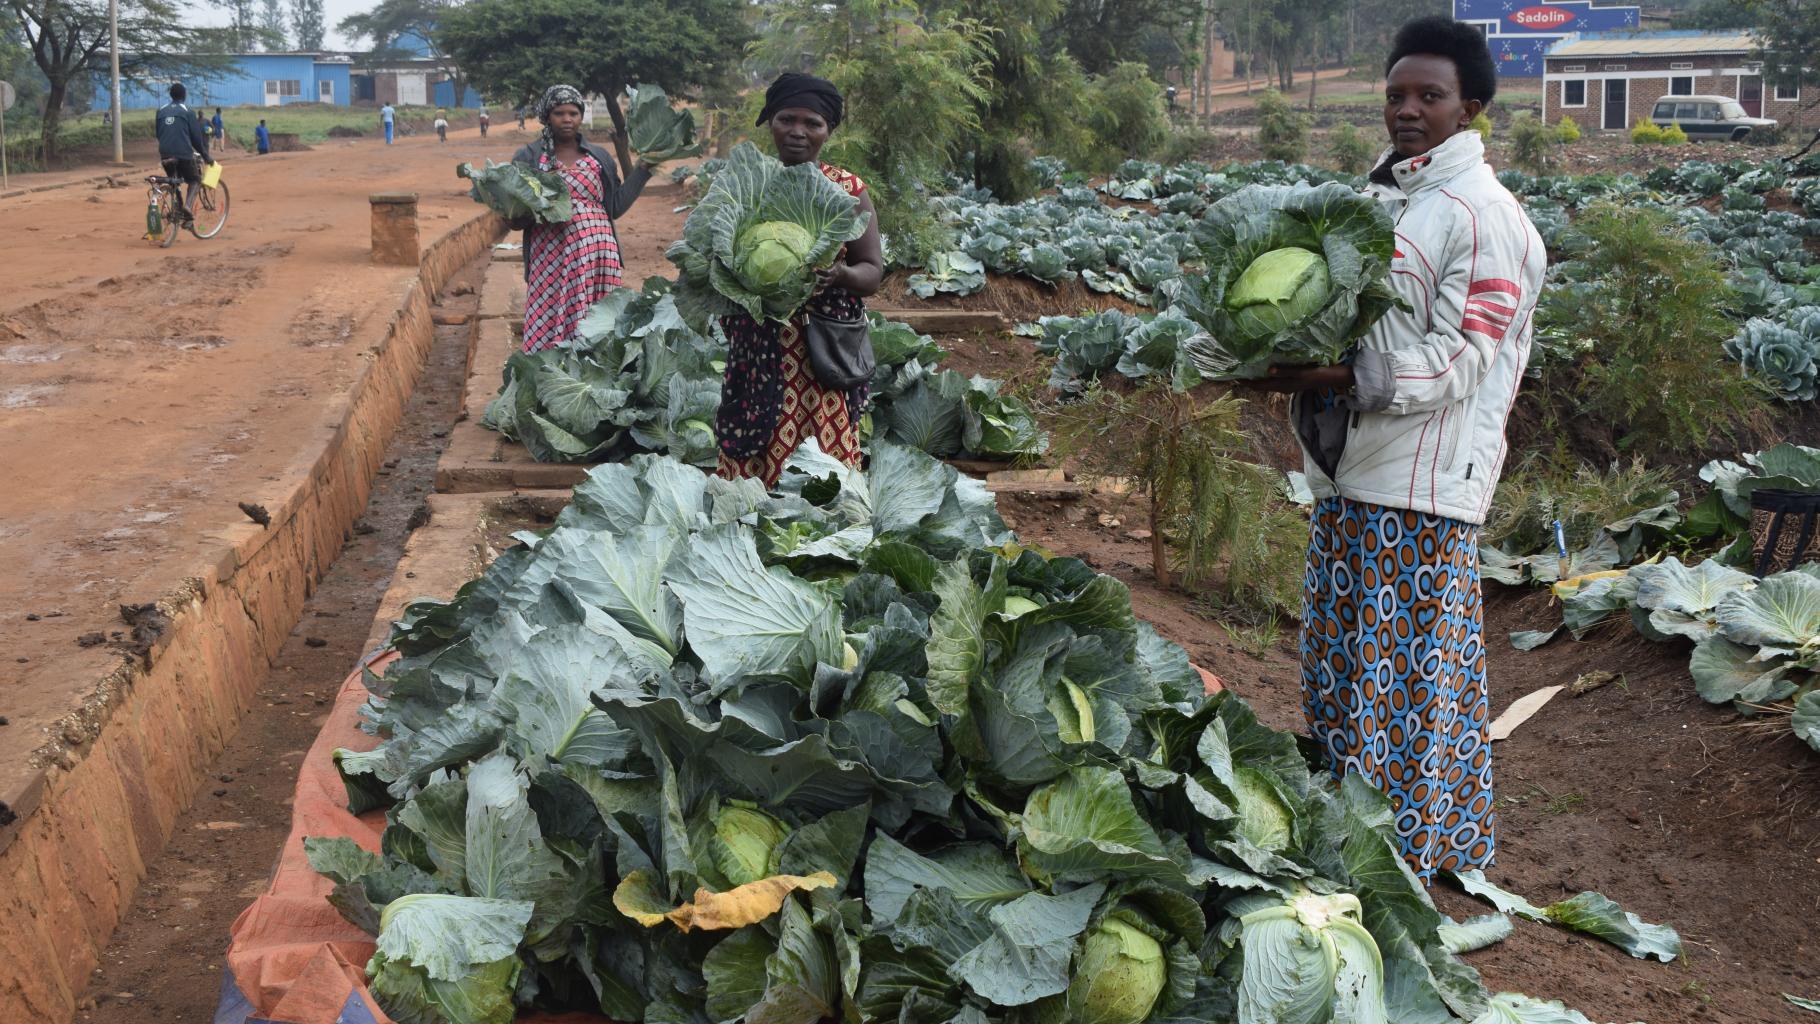 Mitglieder der kleinbäuerlichen Kooperative in Nyagatare bei der Ernte auf ihrem Kohlfeld.